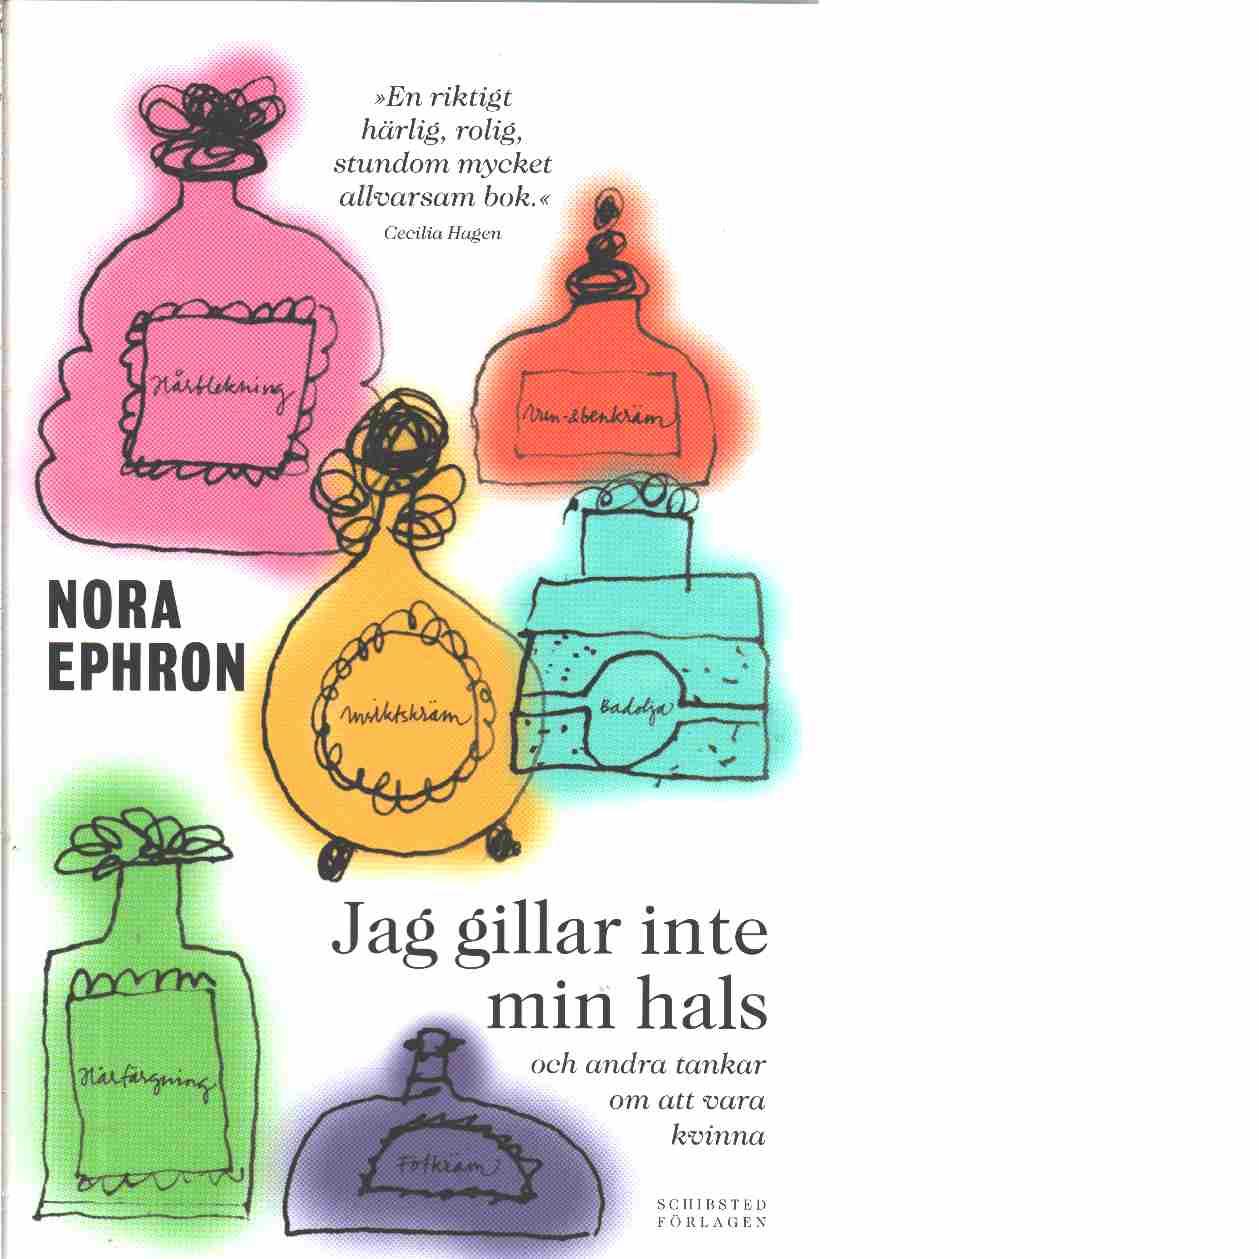 Jag gillar inte min hals och andra tankar om att vara kvinna  - Ephron, Nora